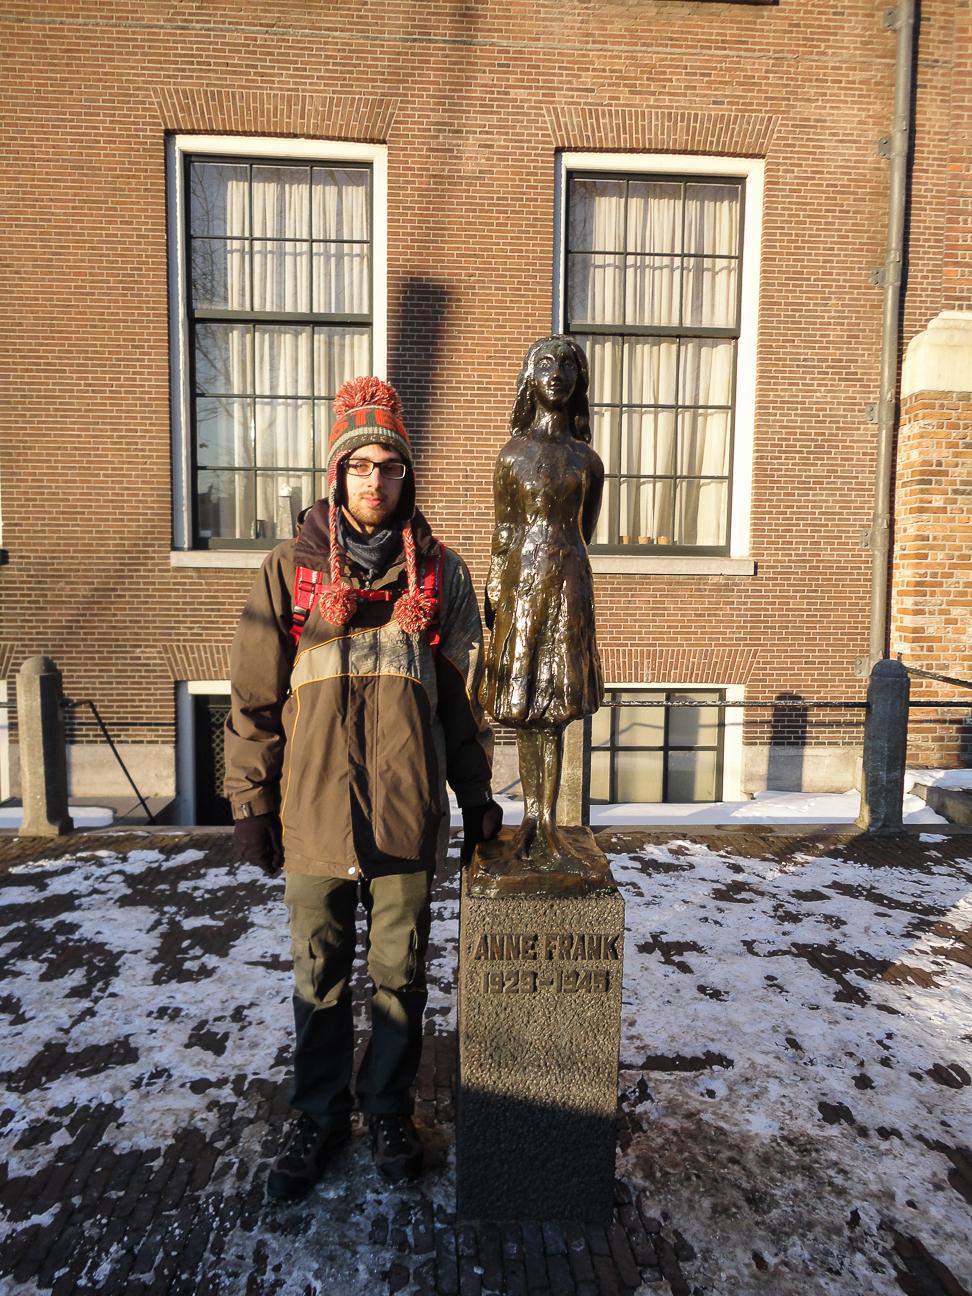 Viajar a Amsterdam - Casa Anna Frank